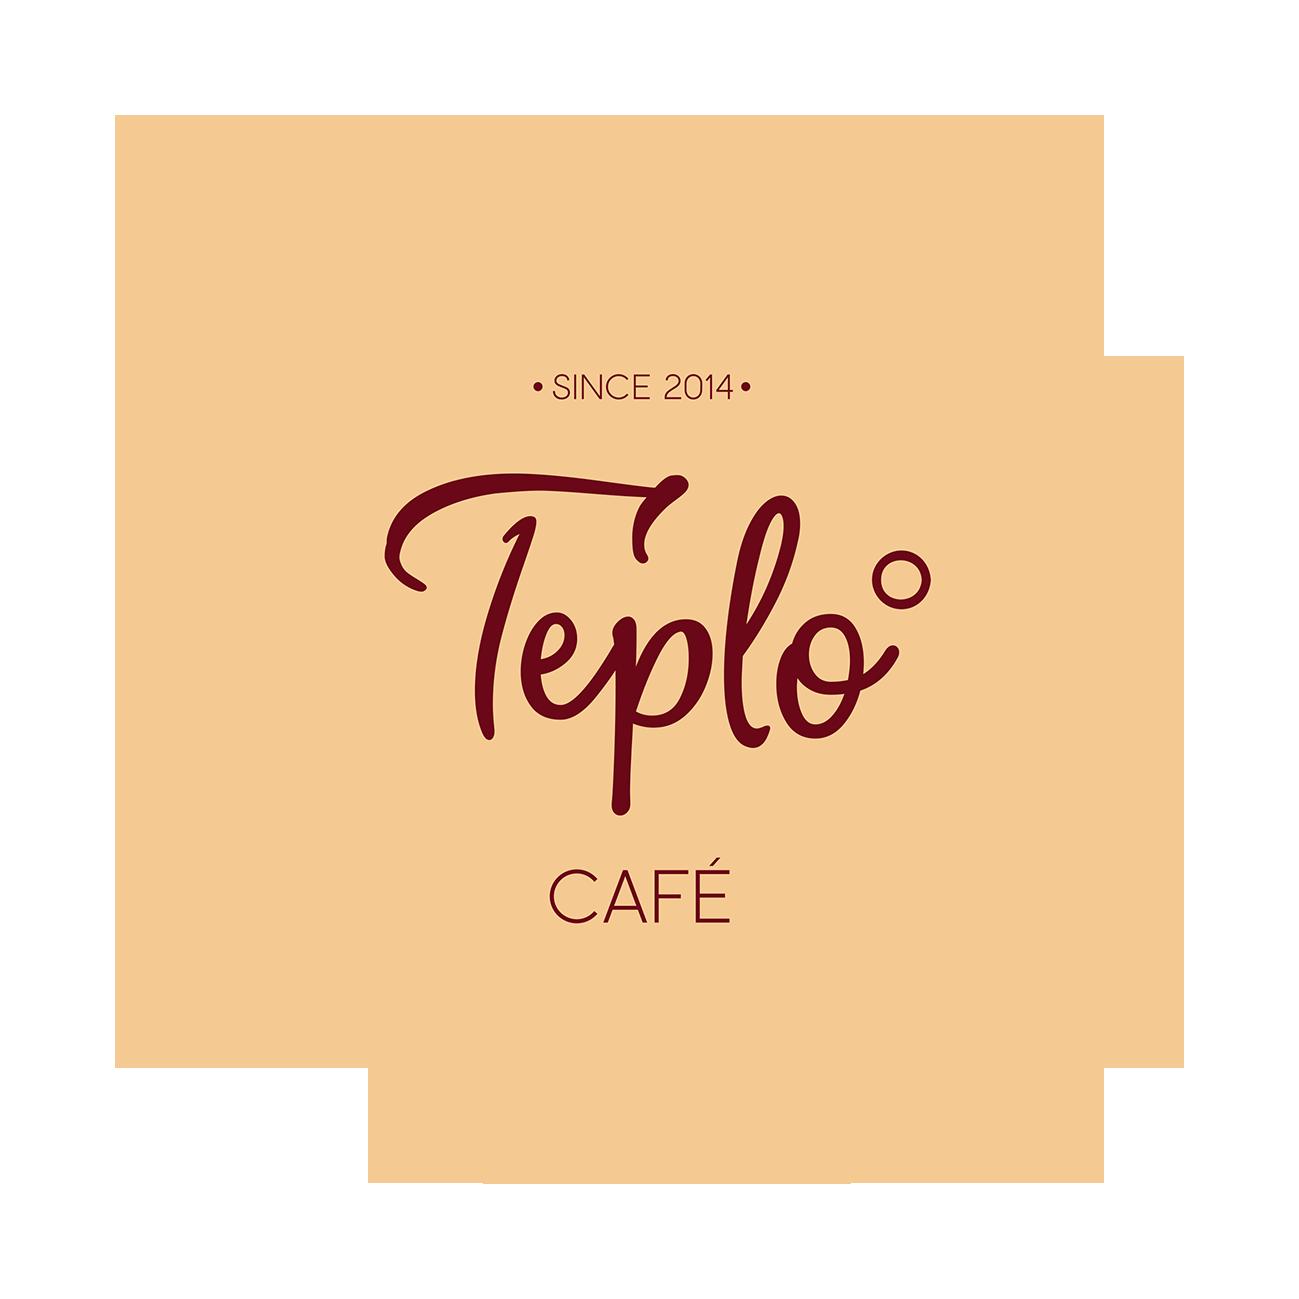 Café-Teplo°